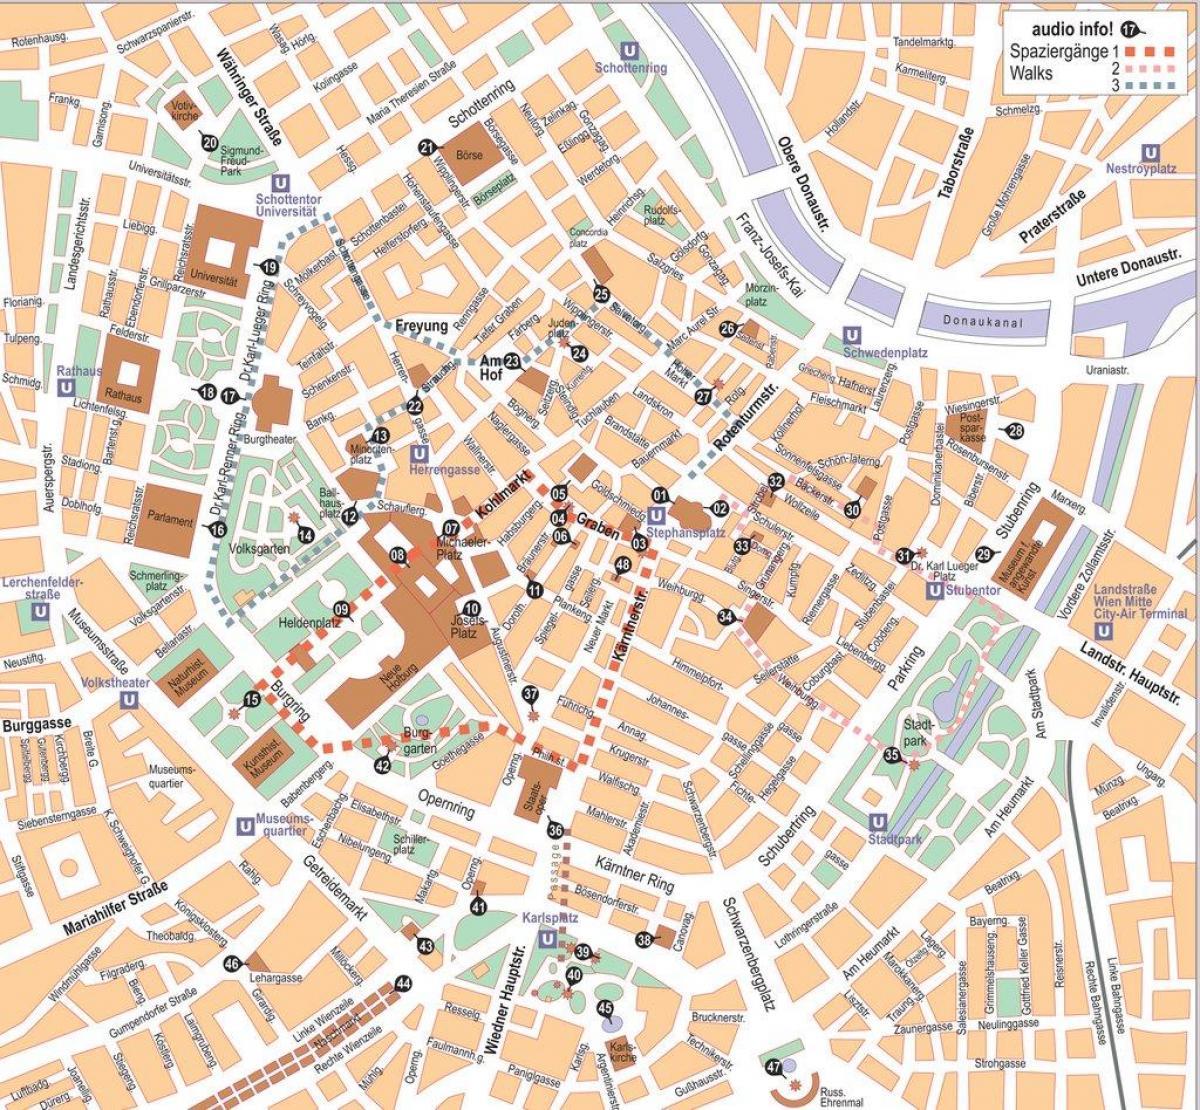 Wien Ostrig Kort Over Byen Wien Ostrig City Center Kort Det